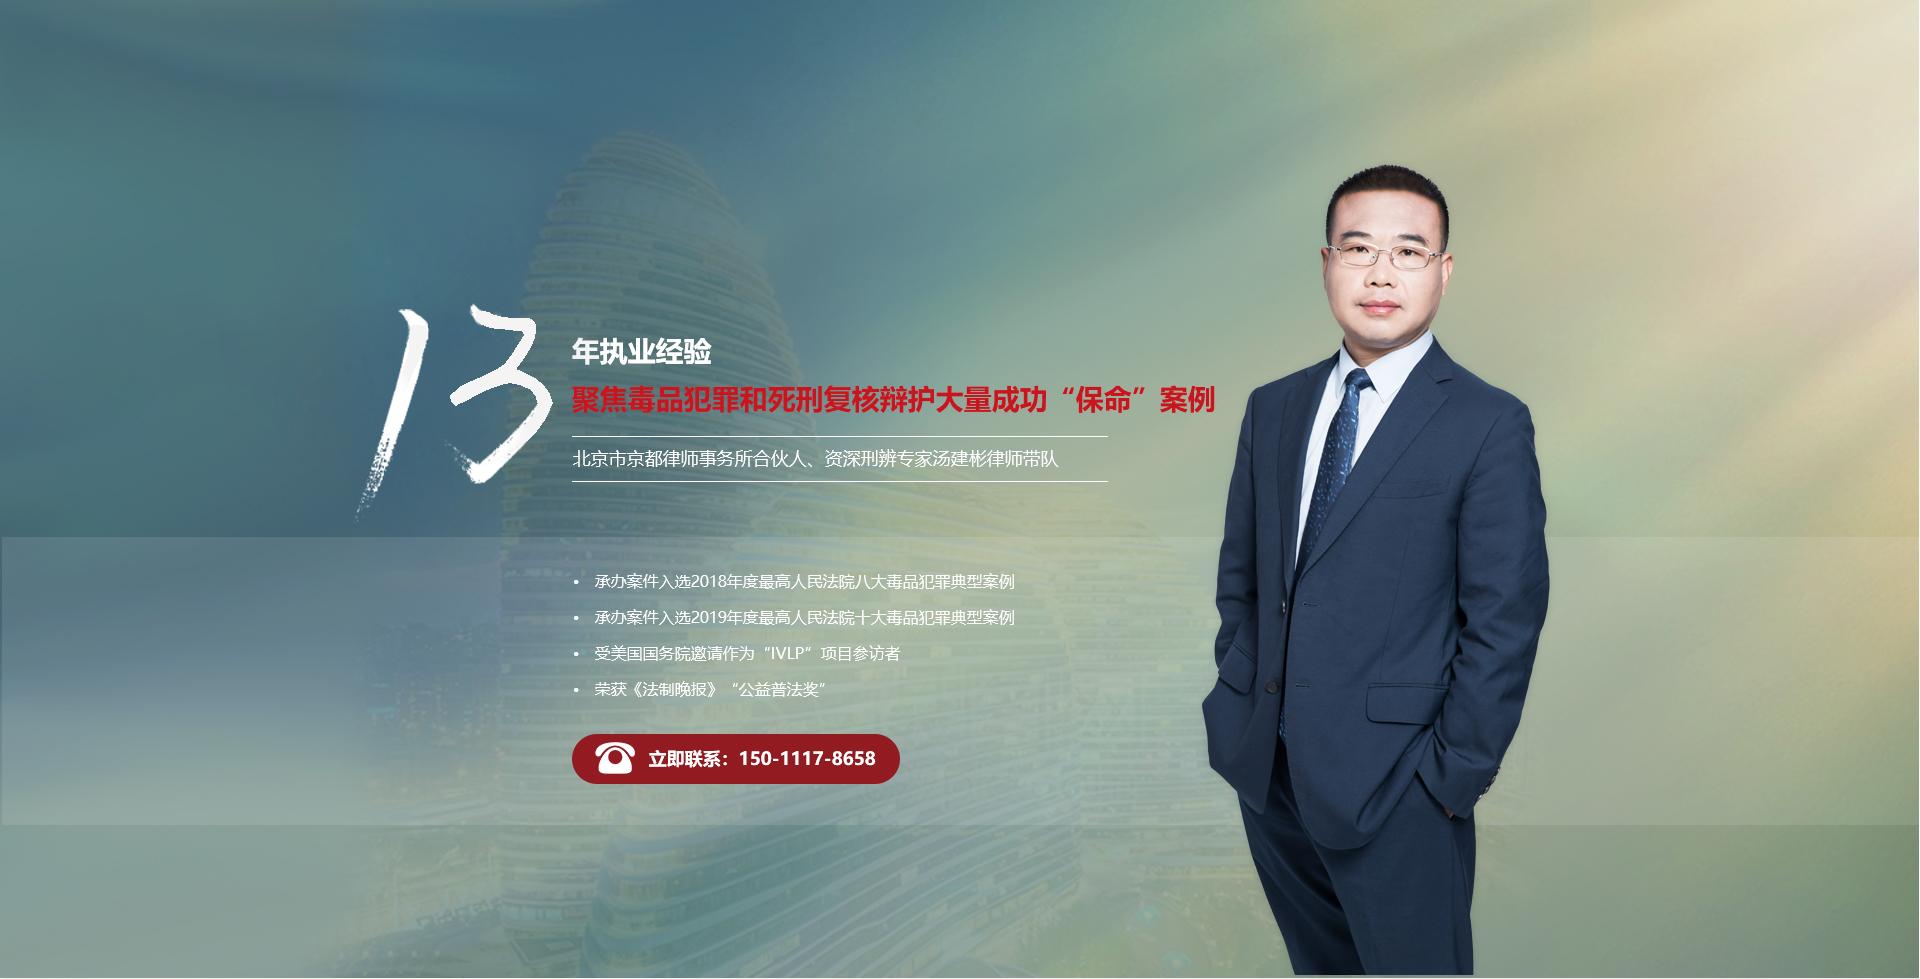 北京汤建彬刑辩团队网